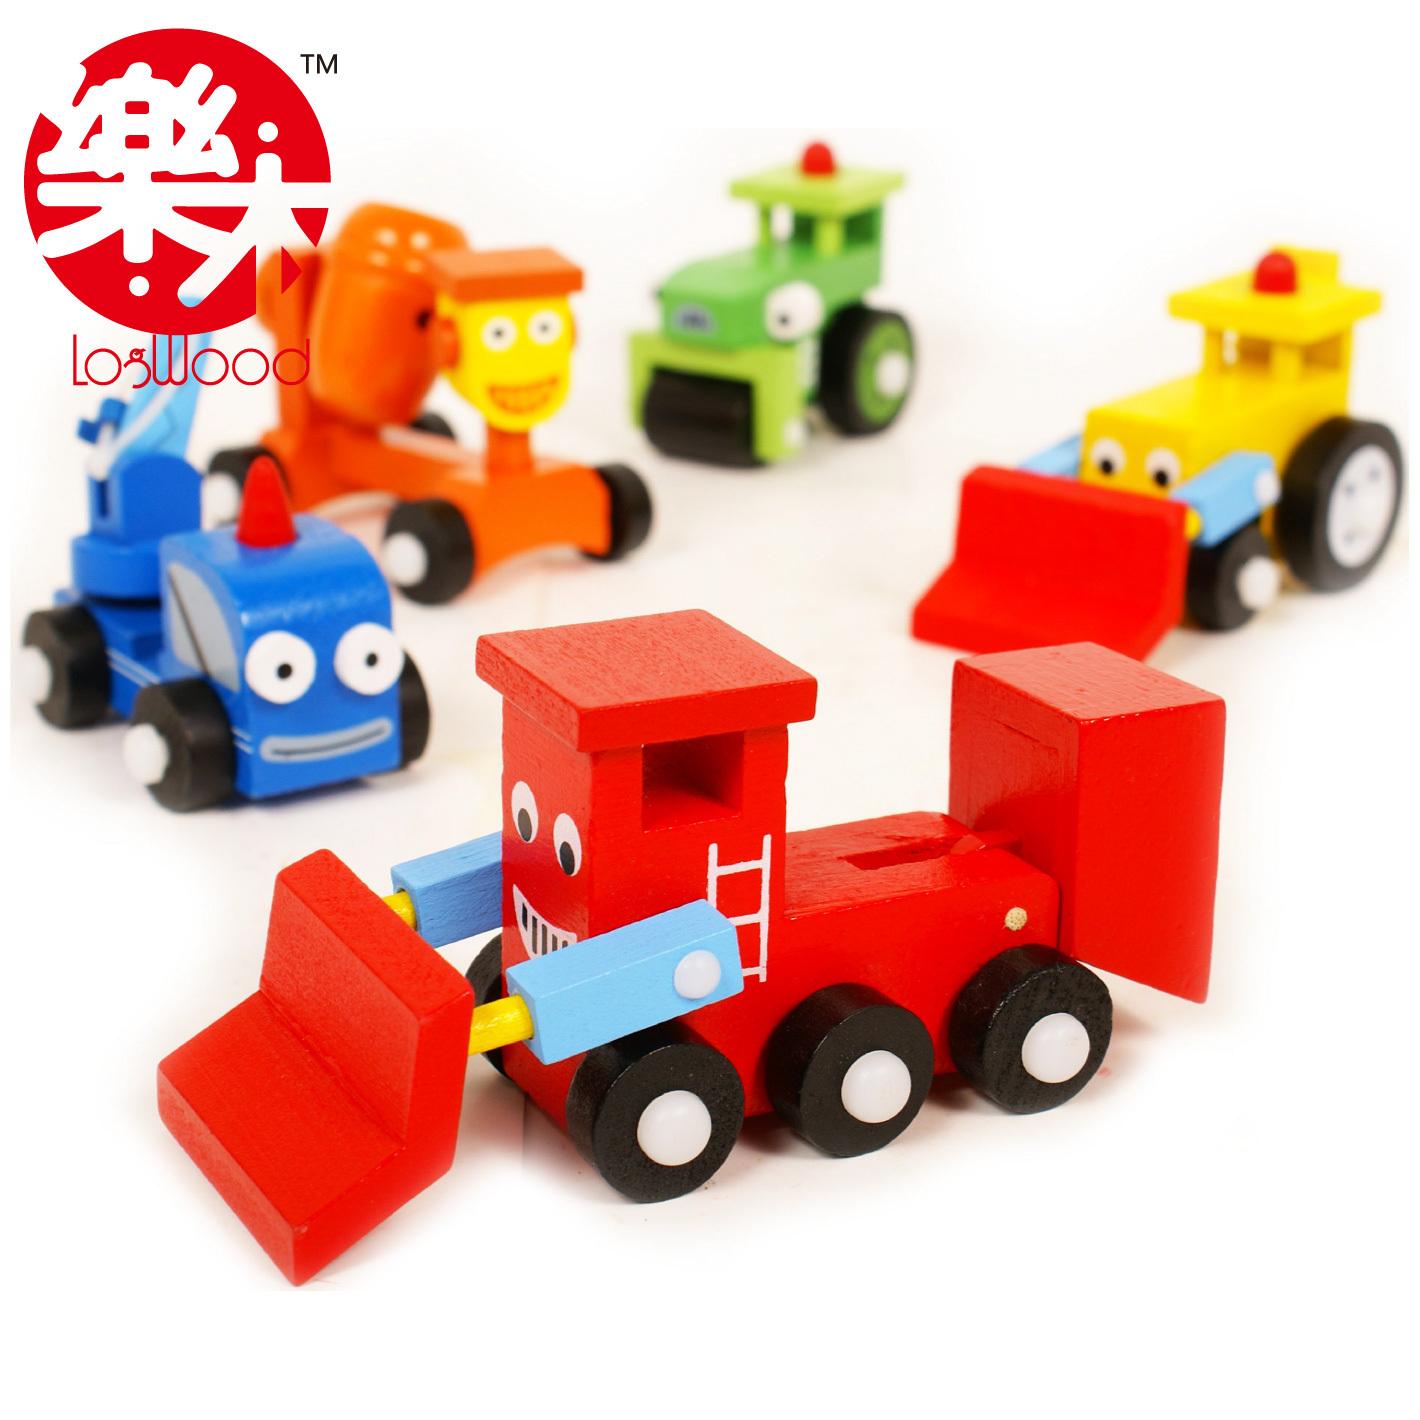 工程车玩具 l2; 益智木制玩具 五色活动工具车套装(5个) 巴布工程玩具